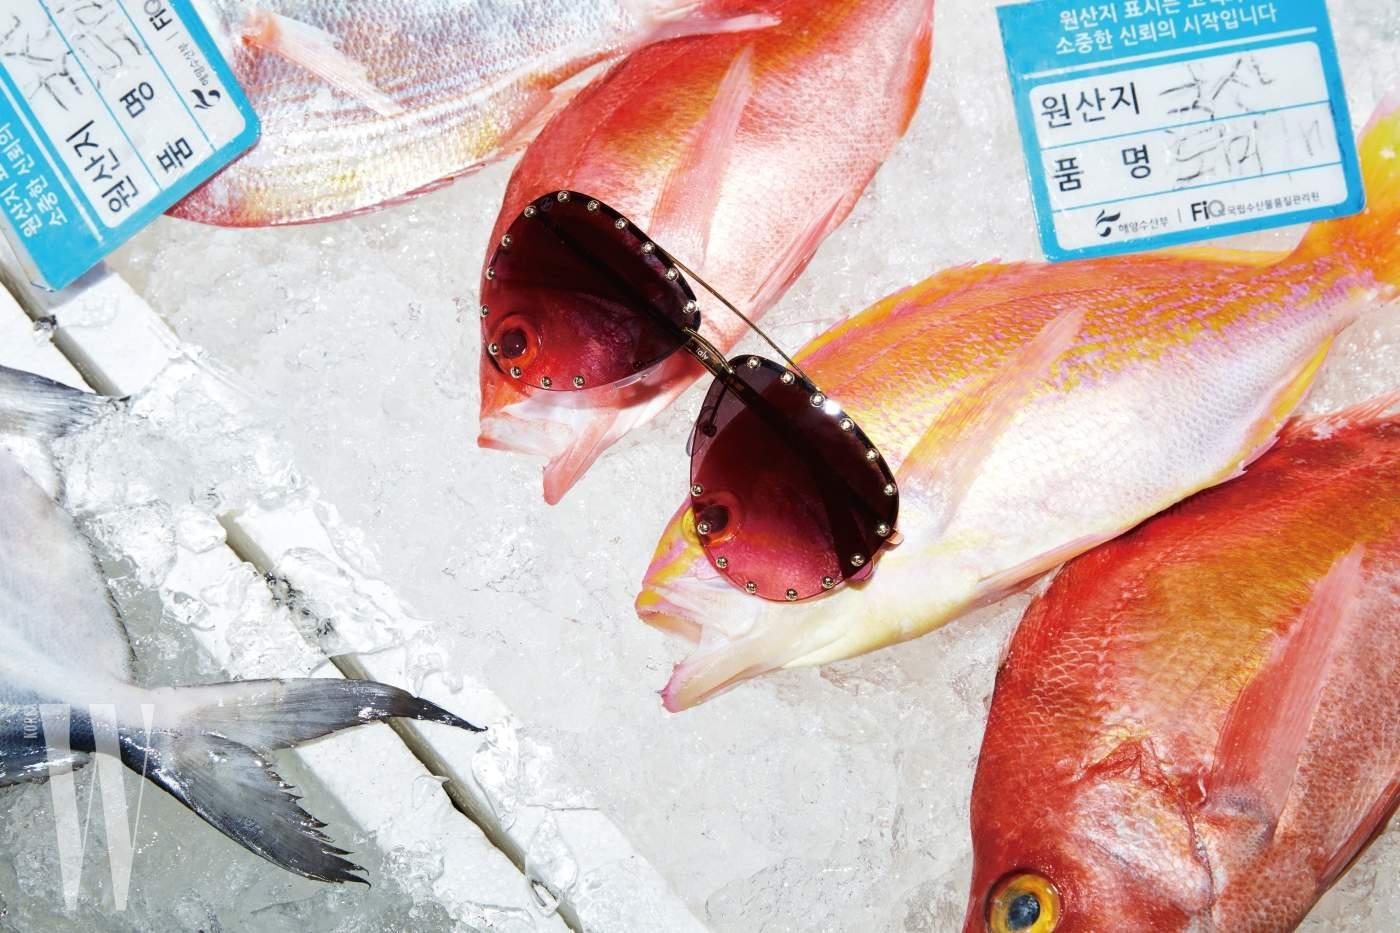 1. 핑크색 도미 위에 놓인 스터드 장식 보잉 선글라스는 루이 비통 제품. 79만원.